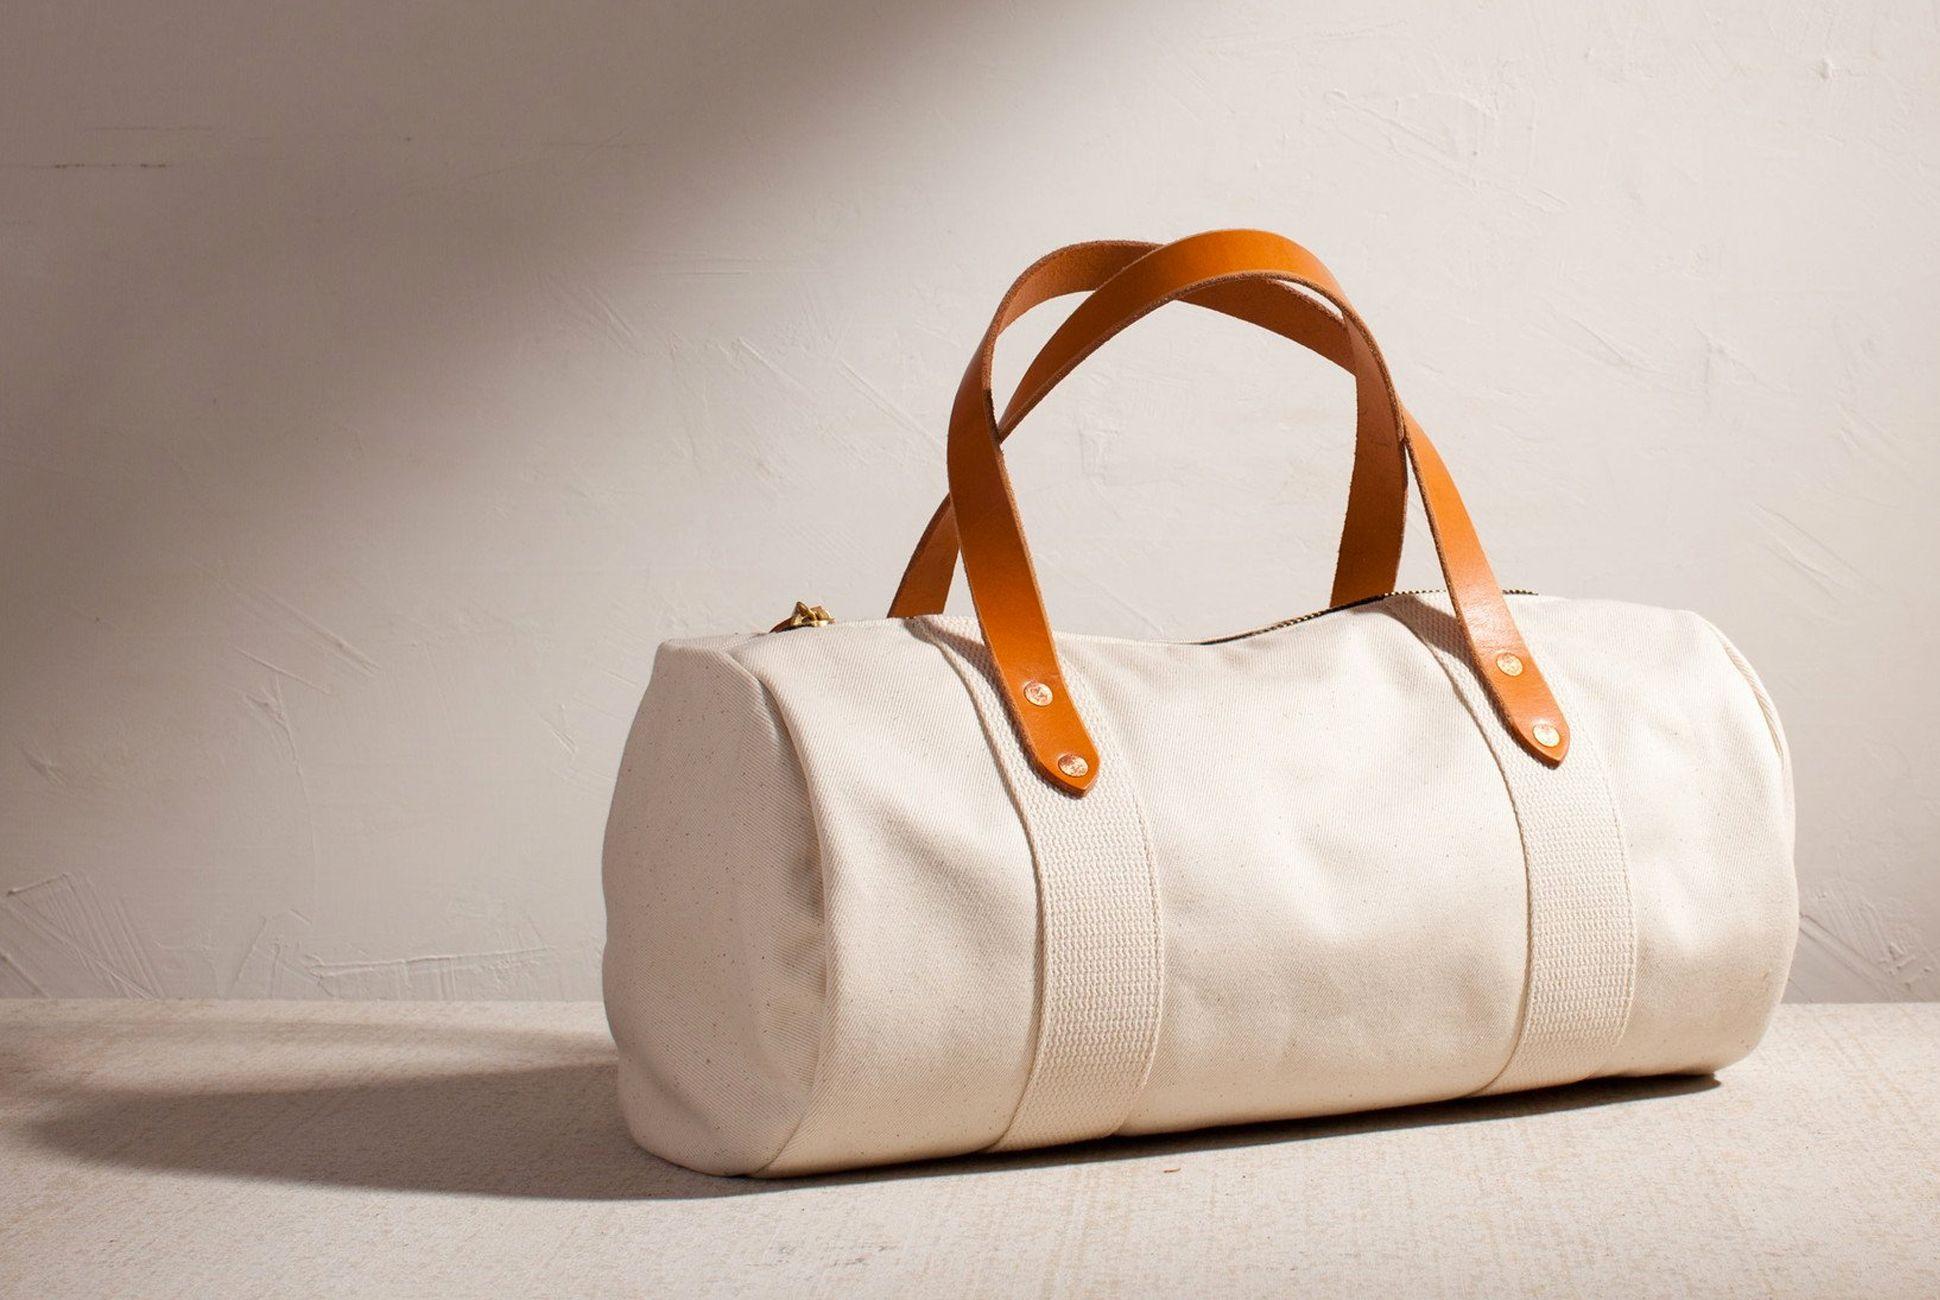 Men Canvas Handbag Travel Shoulder Bag Sport Duffle Luggage Tote Gym Bag Large